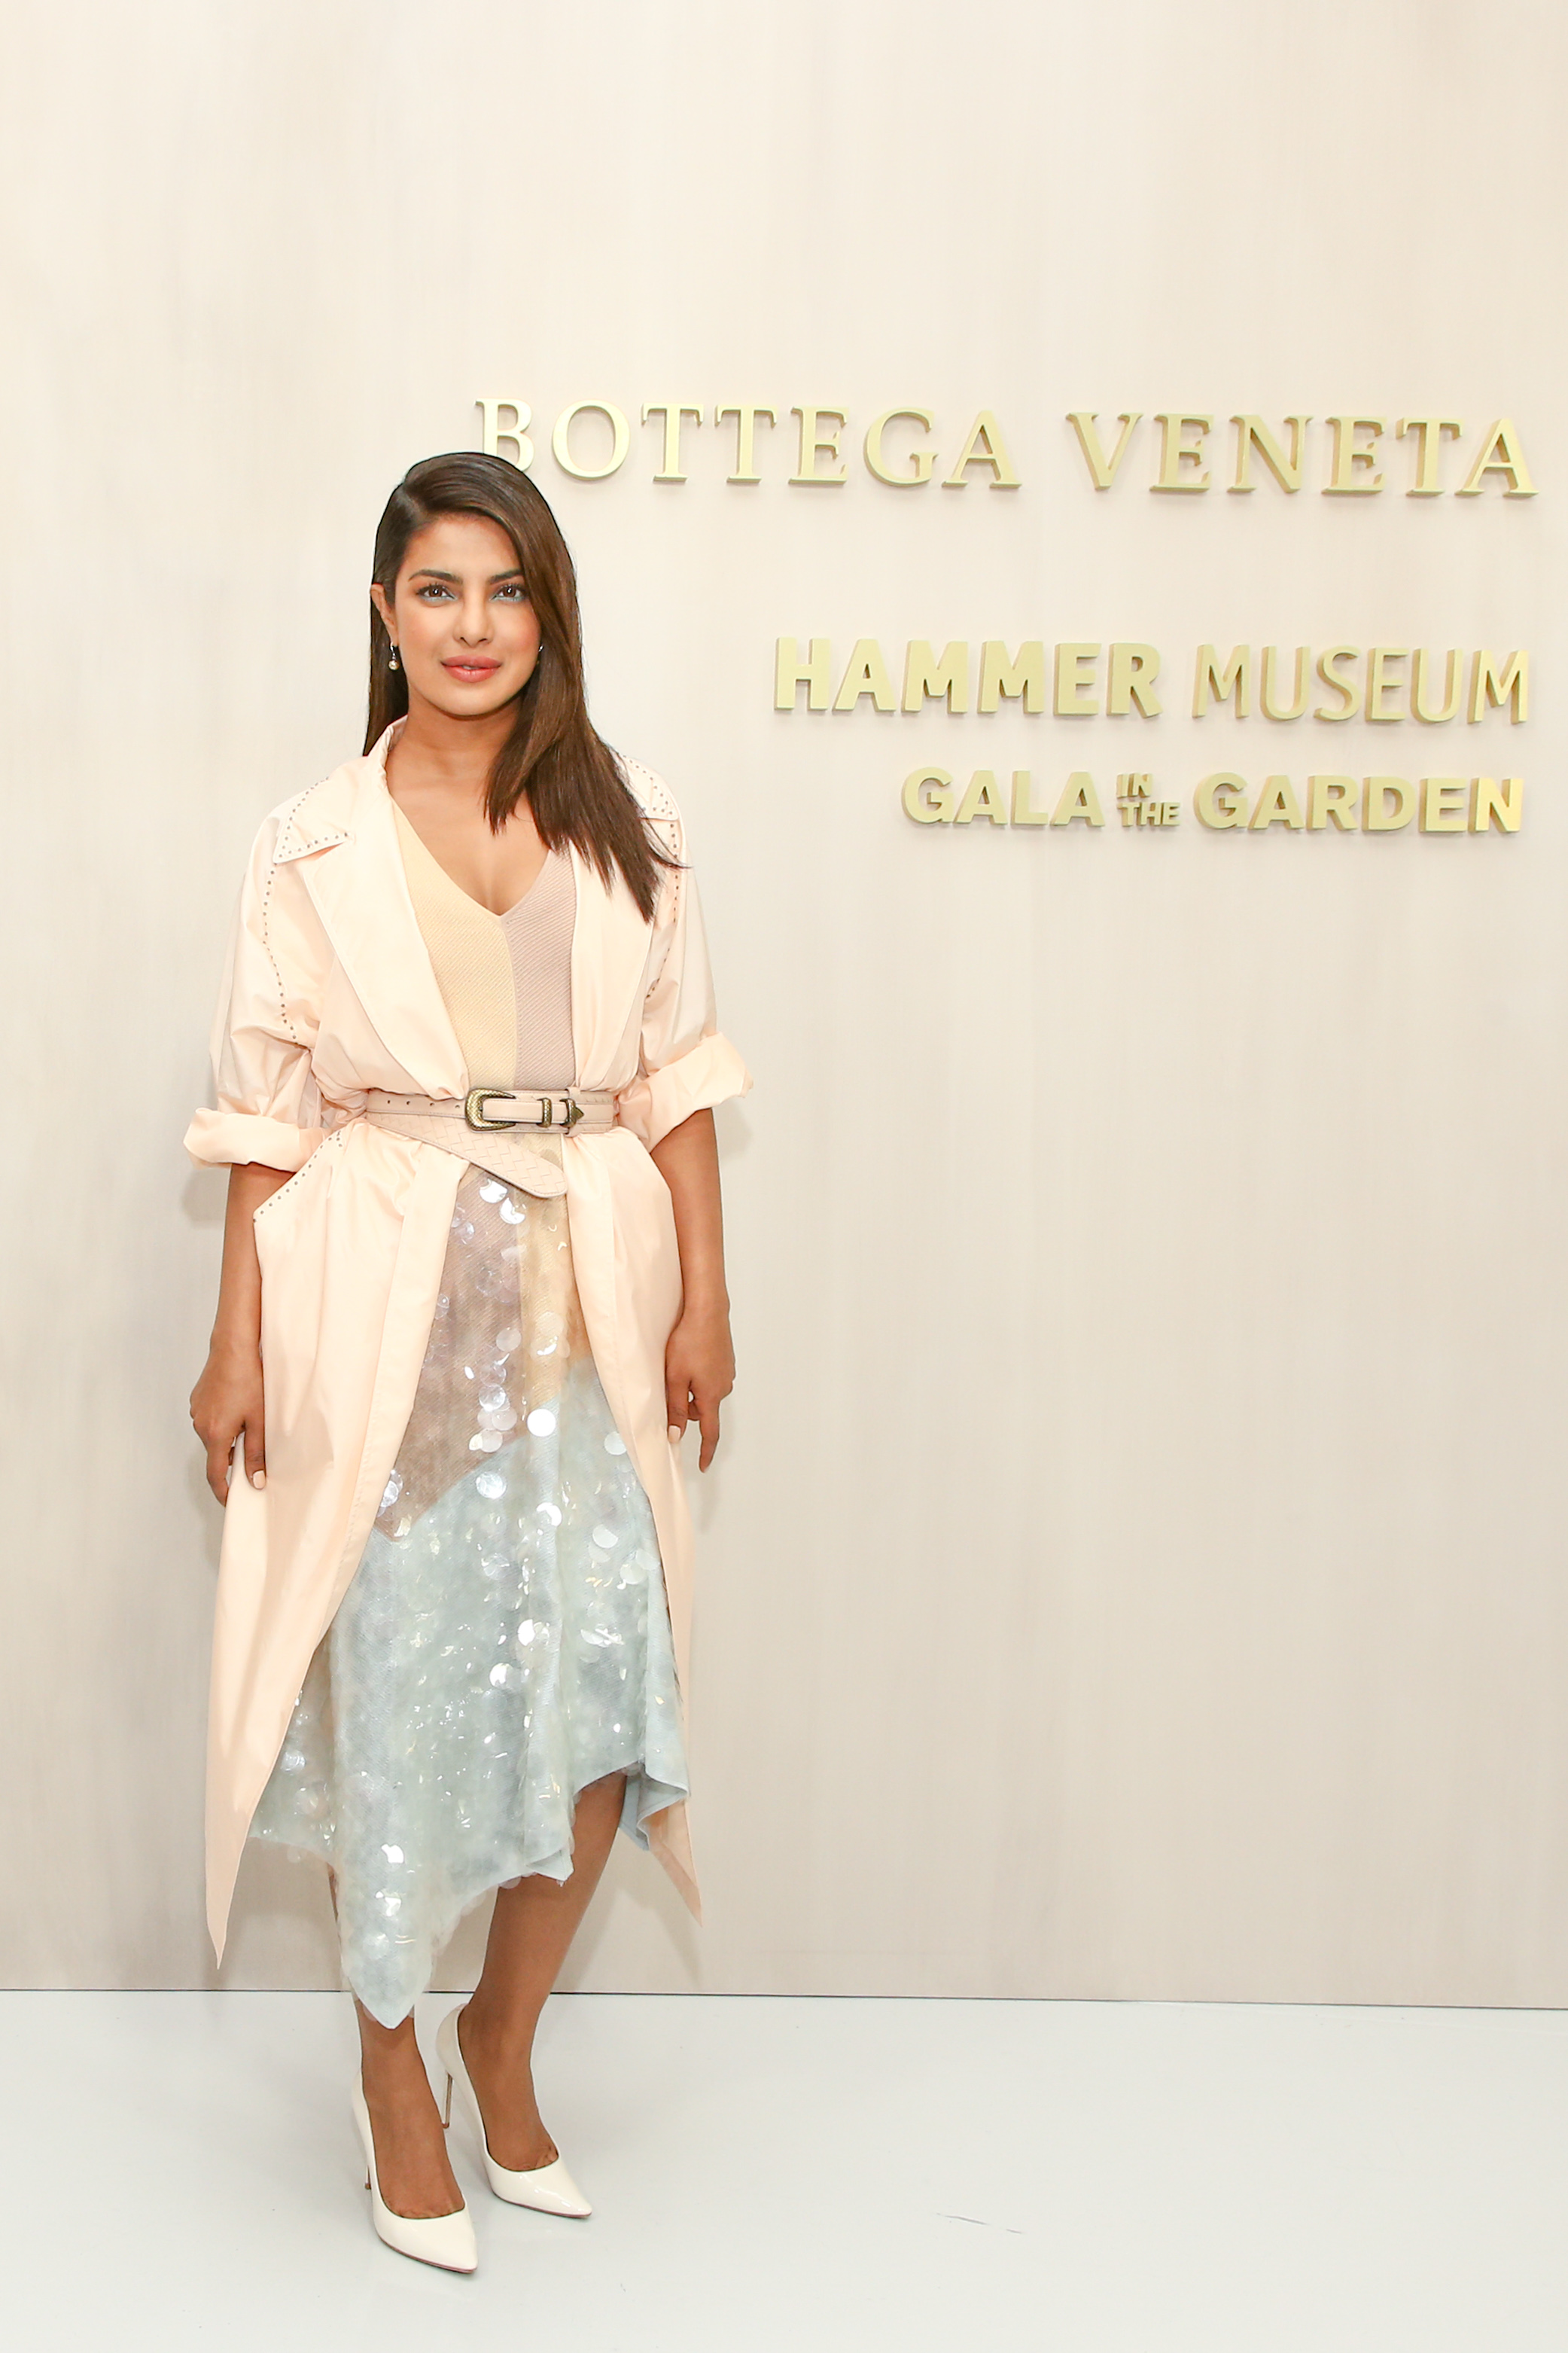 Diễn viên Ấn Độ Priyanka Chopra với chiếc áo khoác lụa màu đào, đầm đa sắc; cùng bộ đôi thắt lưng và hoa tai Peach Rose Intrecciato Nappa.